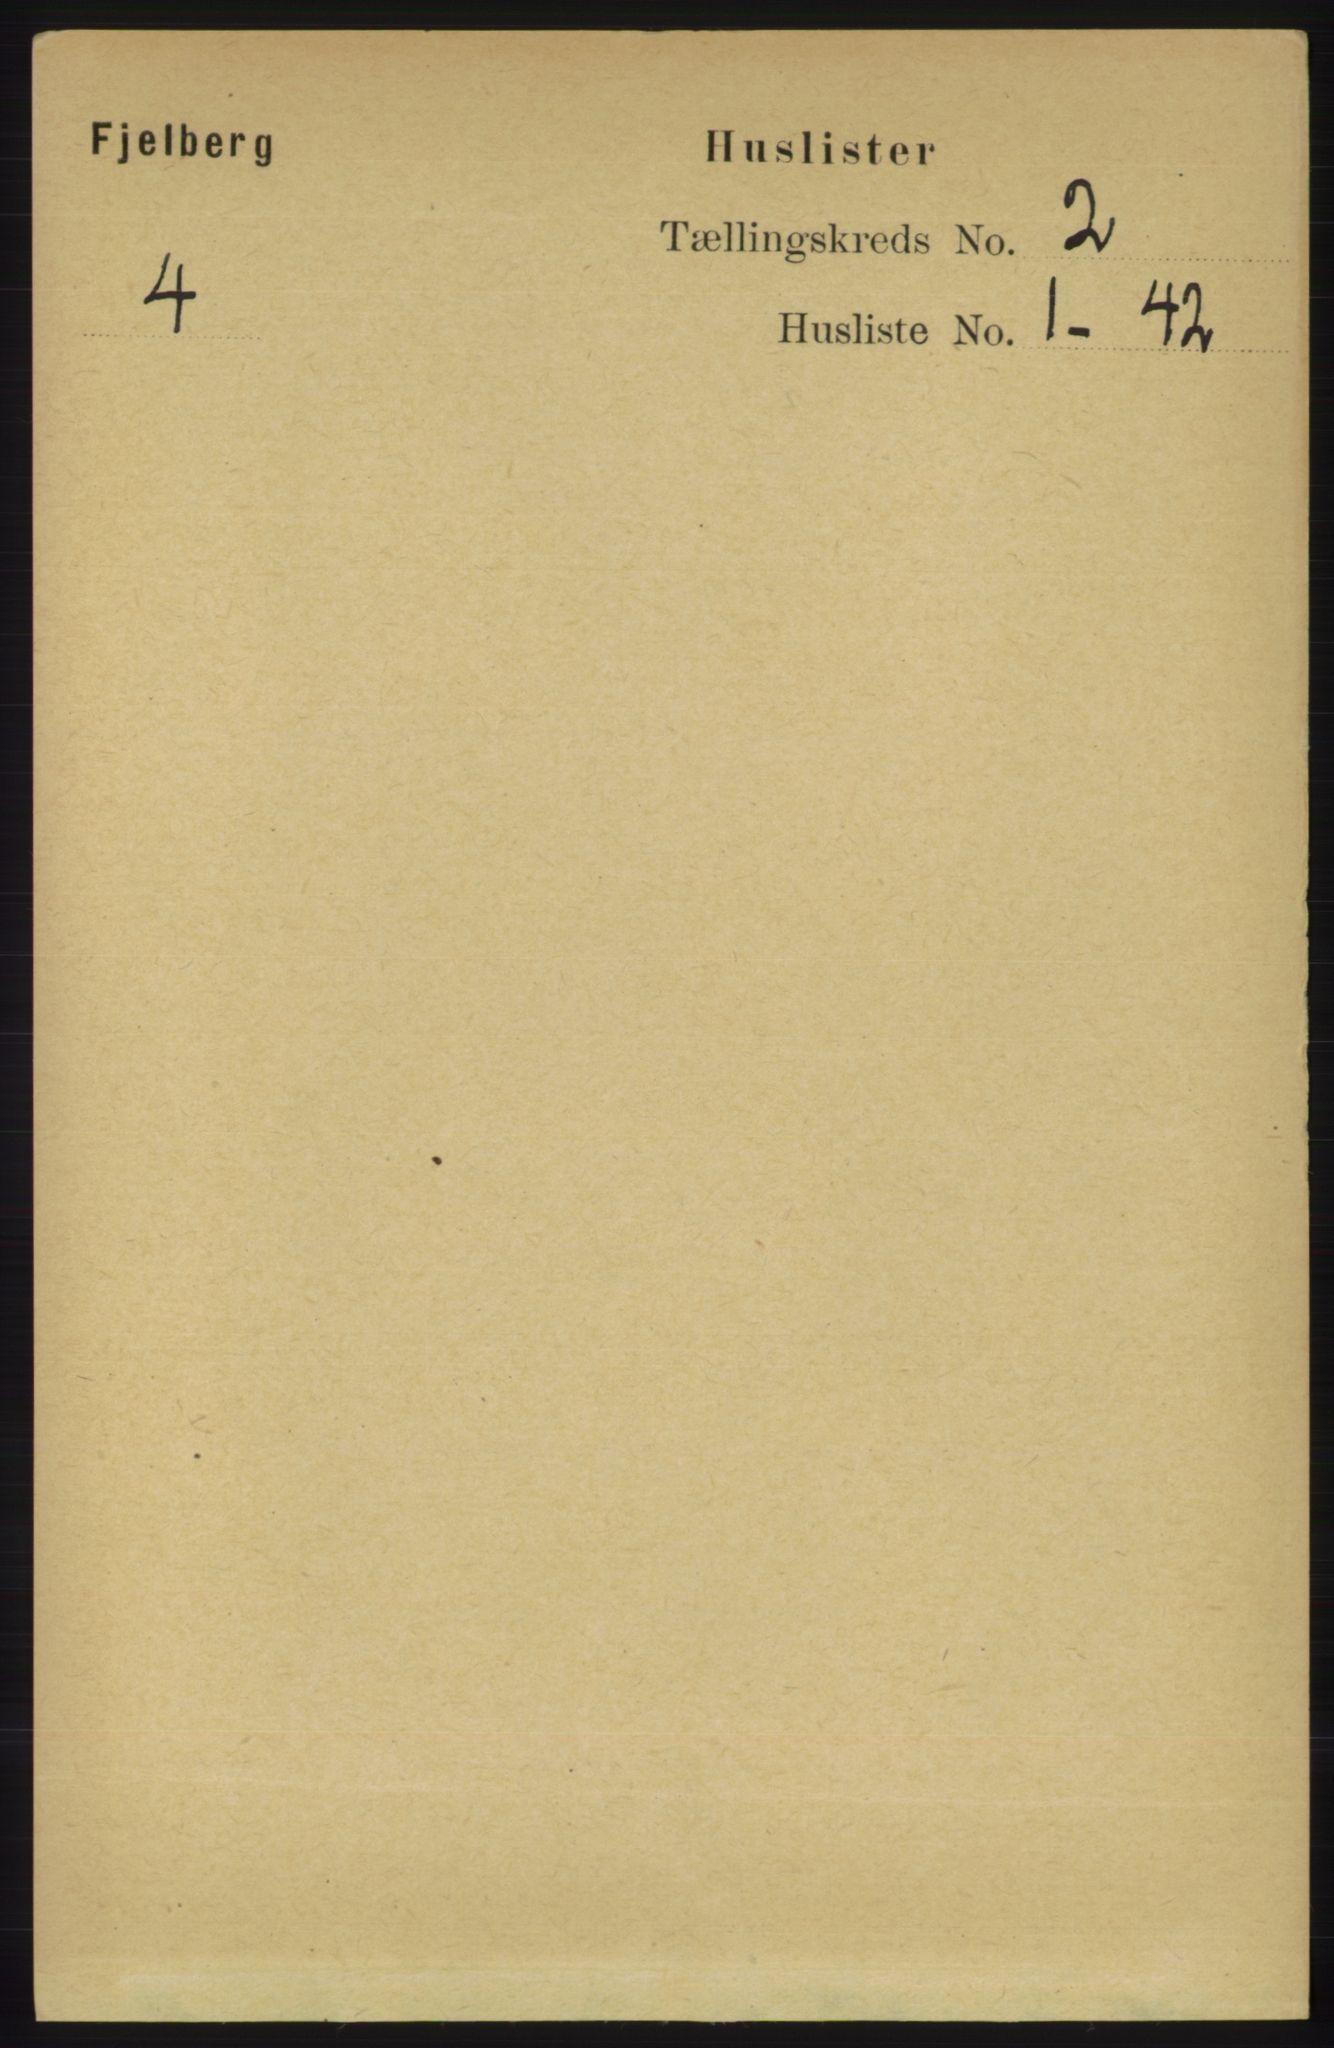 RA, Folketelling 1891 for 1213 Fjelberg herred, 1891, s. 458